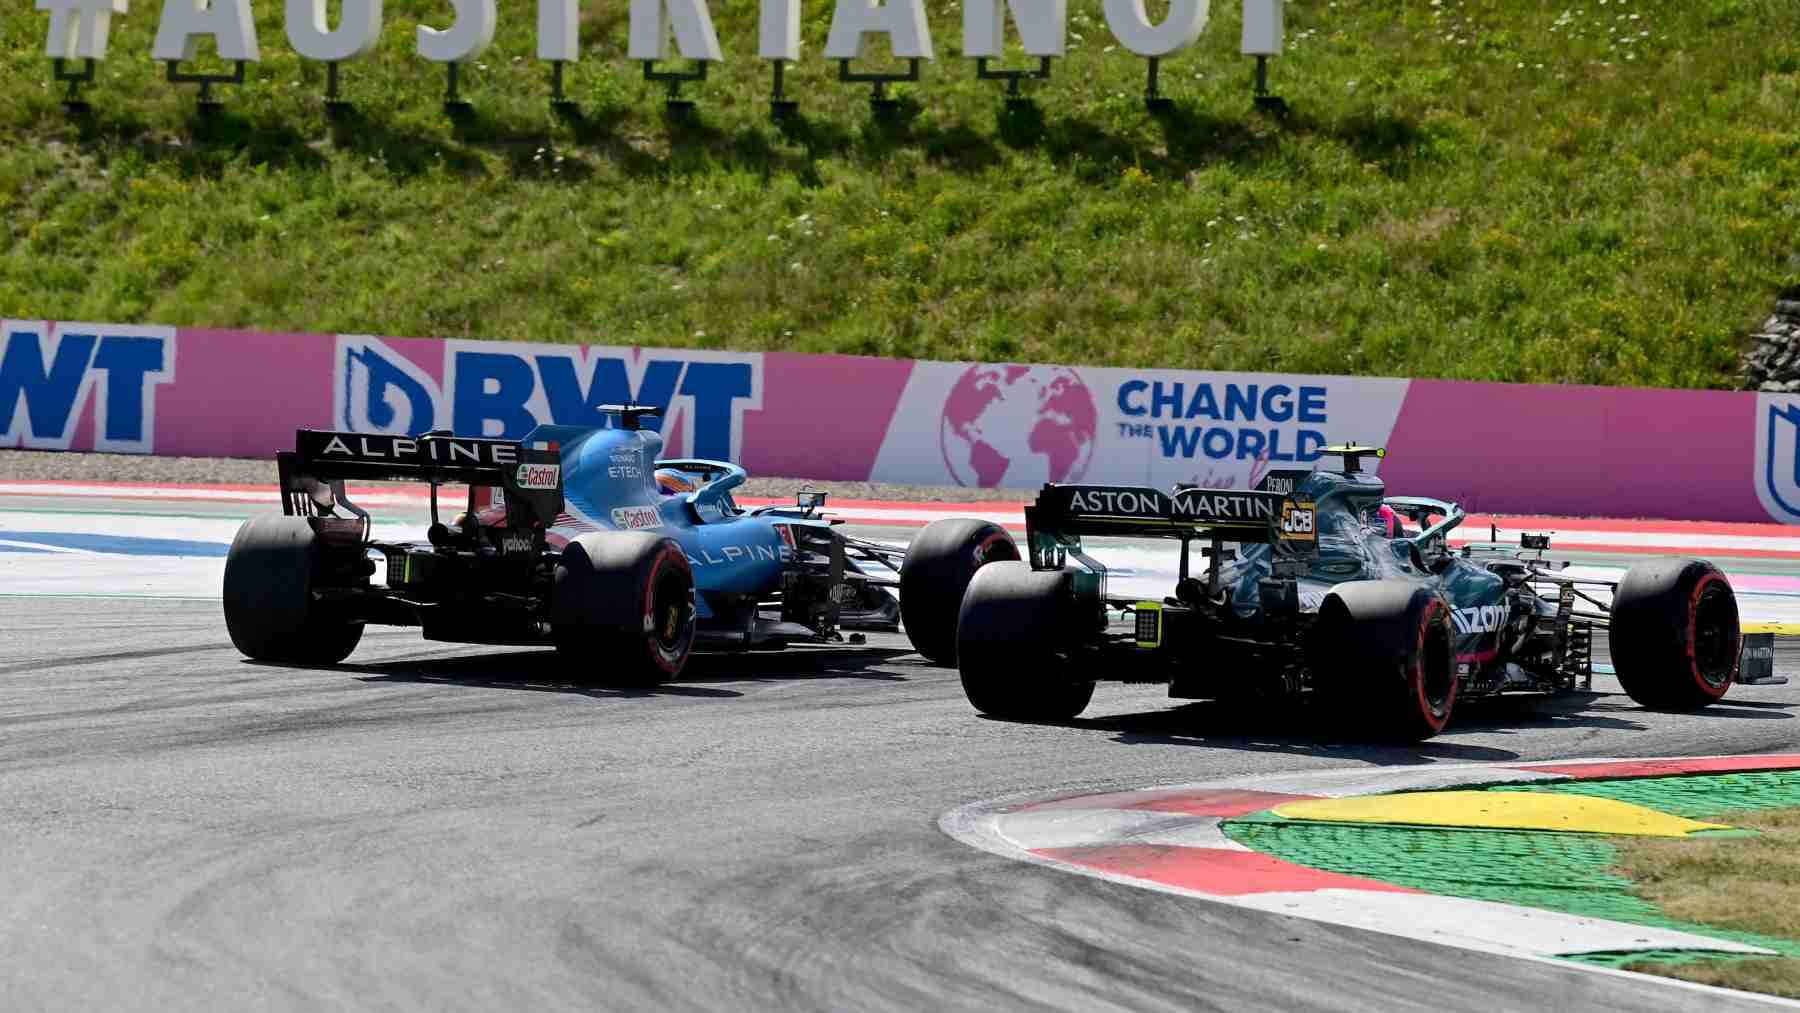 El incidente entre Fernando Alonso y Sebastian Vettel durante la sesión de clasificación del Gran Premio de Austria. (AFP)